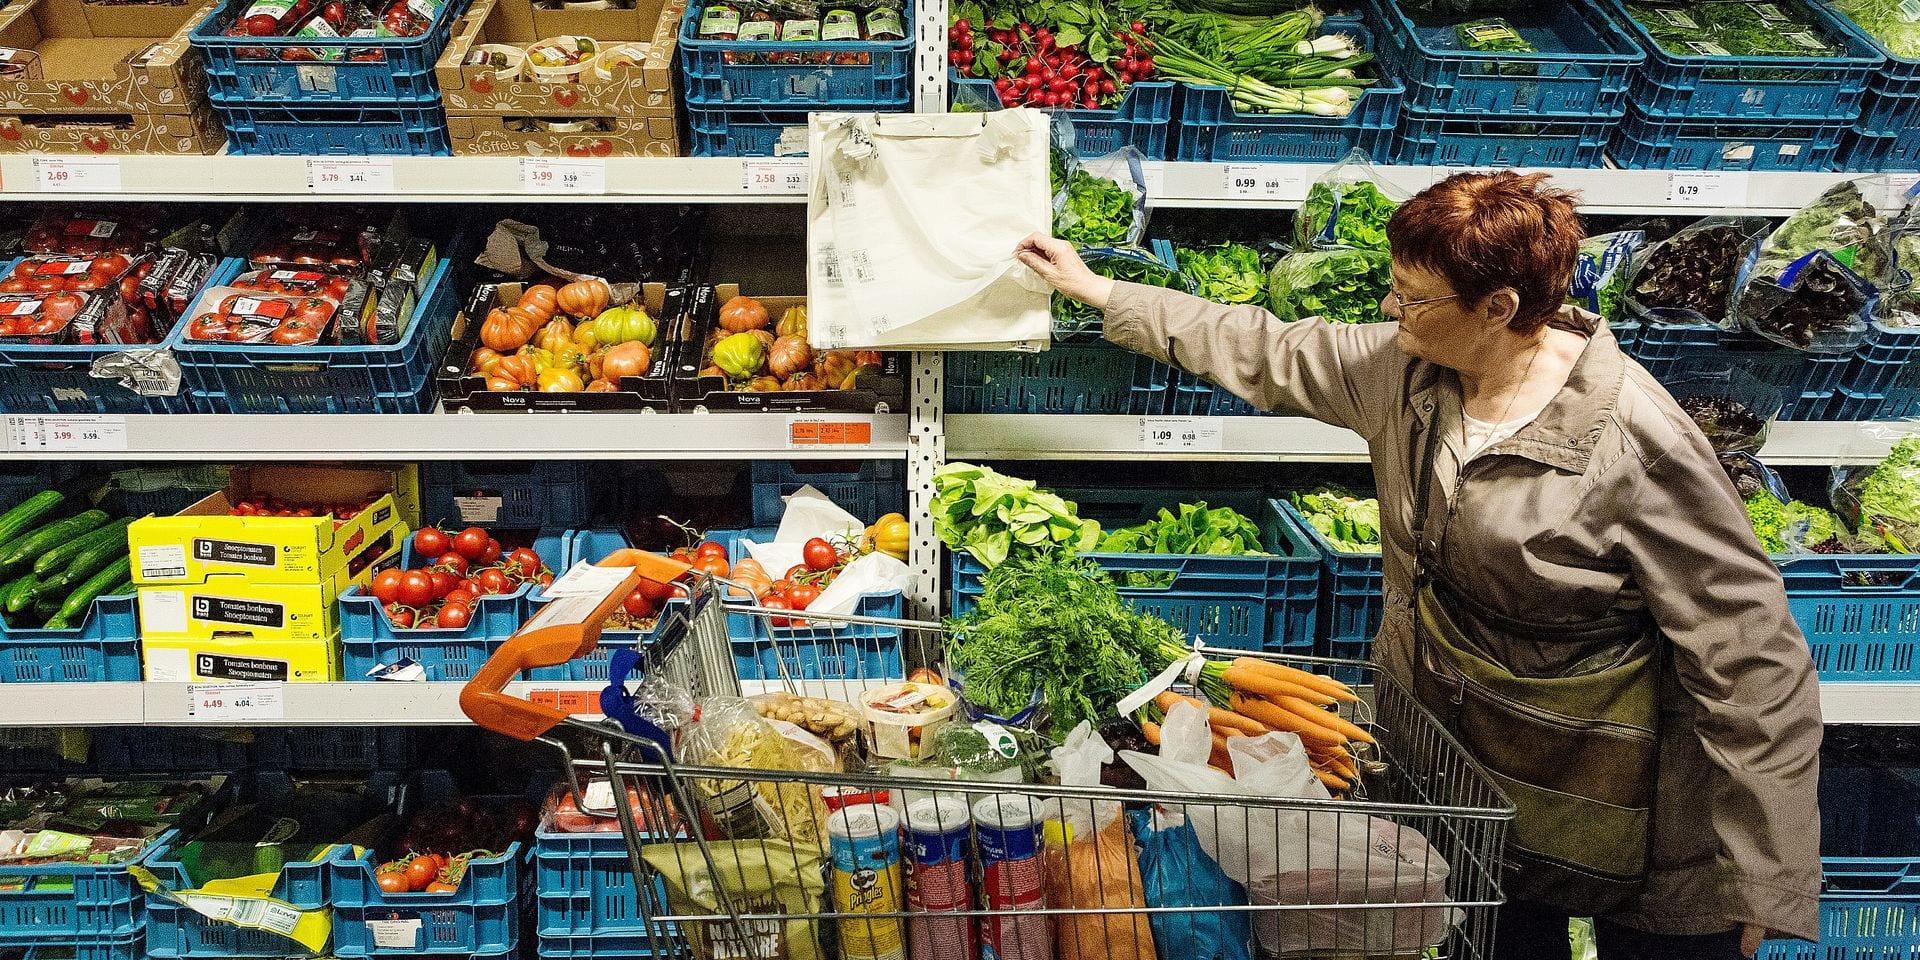 Colruyt veut etre a la pointe en matiere de traitement des dechets. De nombreux emballages plastiques du distributeur sont concus pour etre biodegradables.